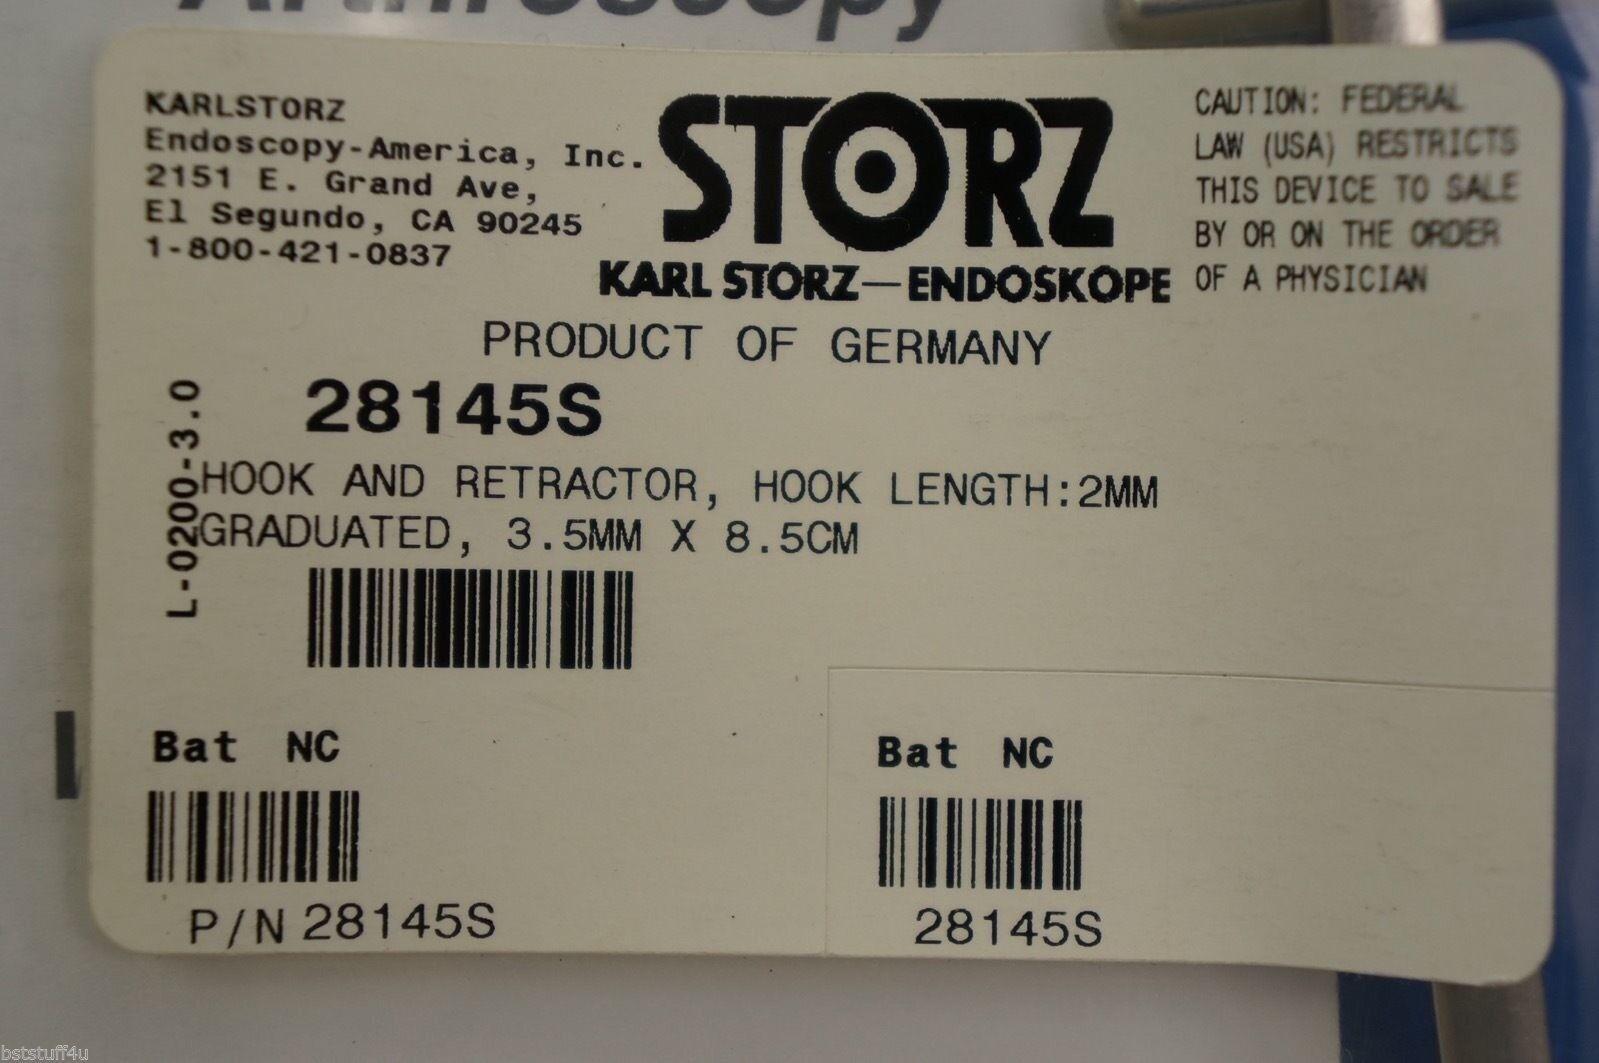 Karl Storz 28145s Gancho Y Retractor longitud del gancho de de de 2 mm Graduado 3,5 Mmx 8,5 Cm 8dafe0